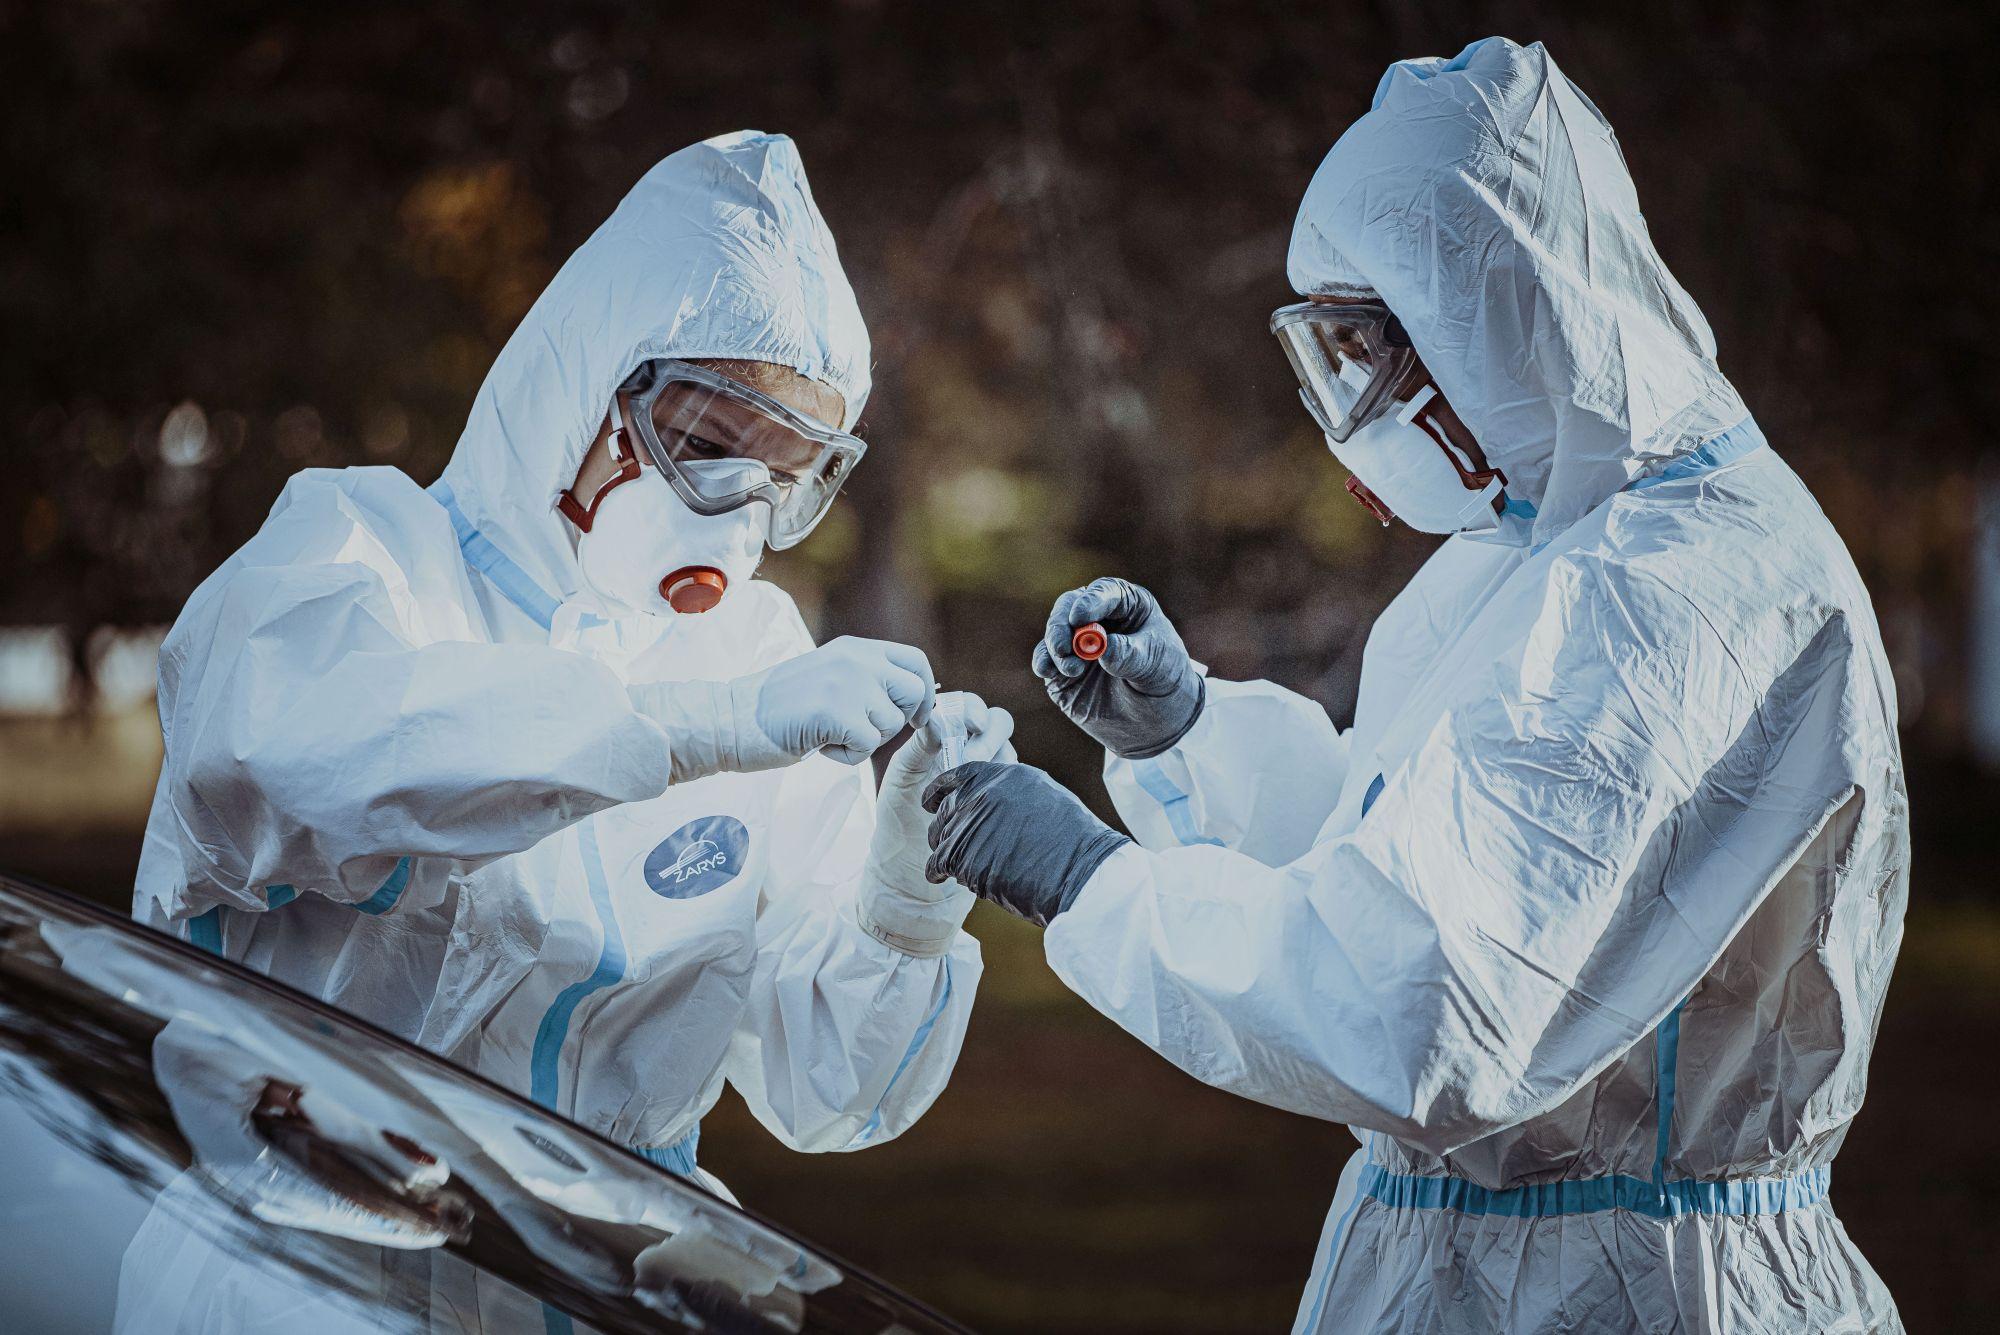 Lubelscy terytorialsi bardziej zaangażują się w walkę z epidemią - Zdjęcie główne